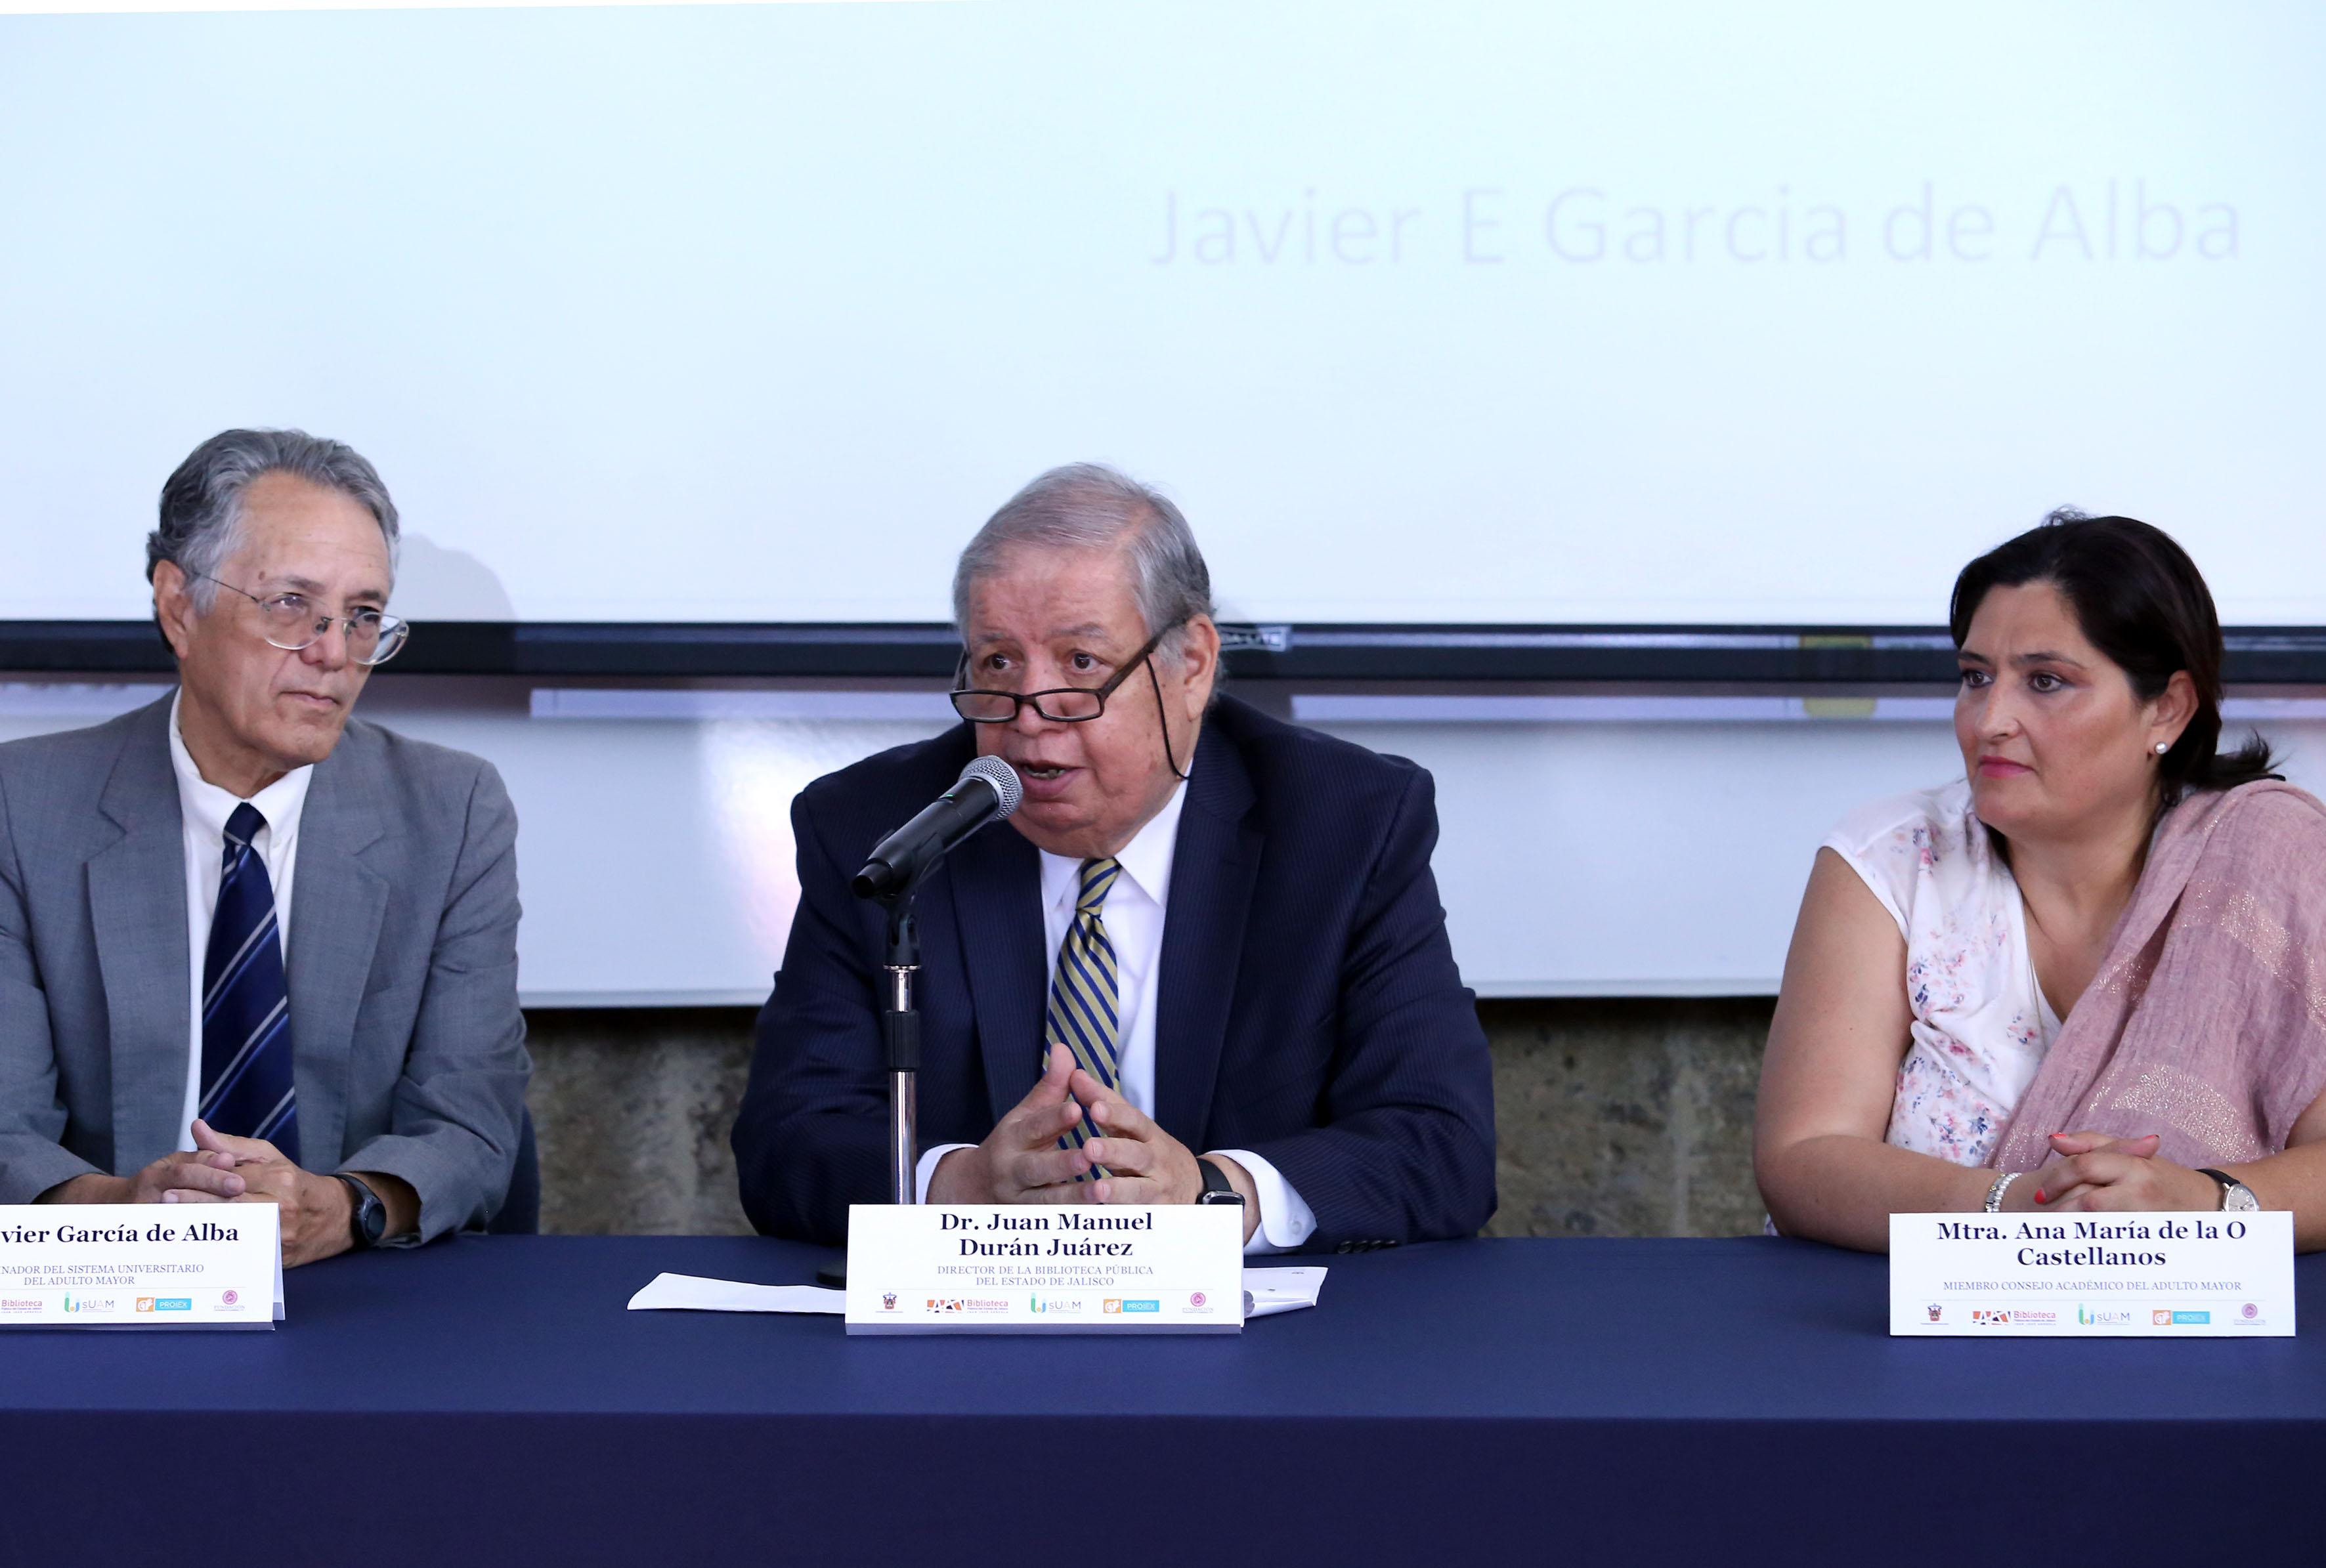 Doctor Juan Manuel Durán Juárez, miembro del Consejo Académico del SUAM y Director de la Biblioteca Pública del Estado, haciendo uso de la palabra durante la presentación del ponente.